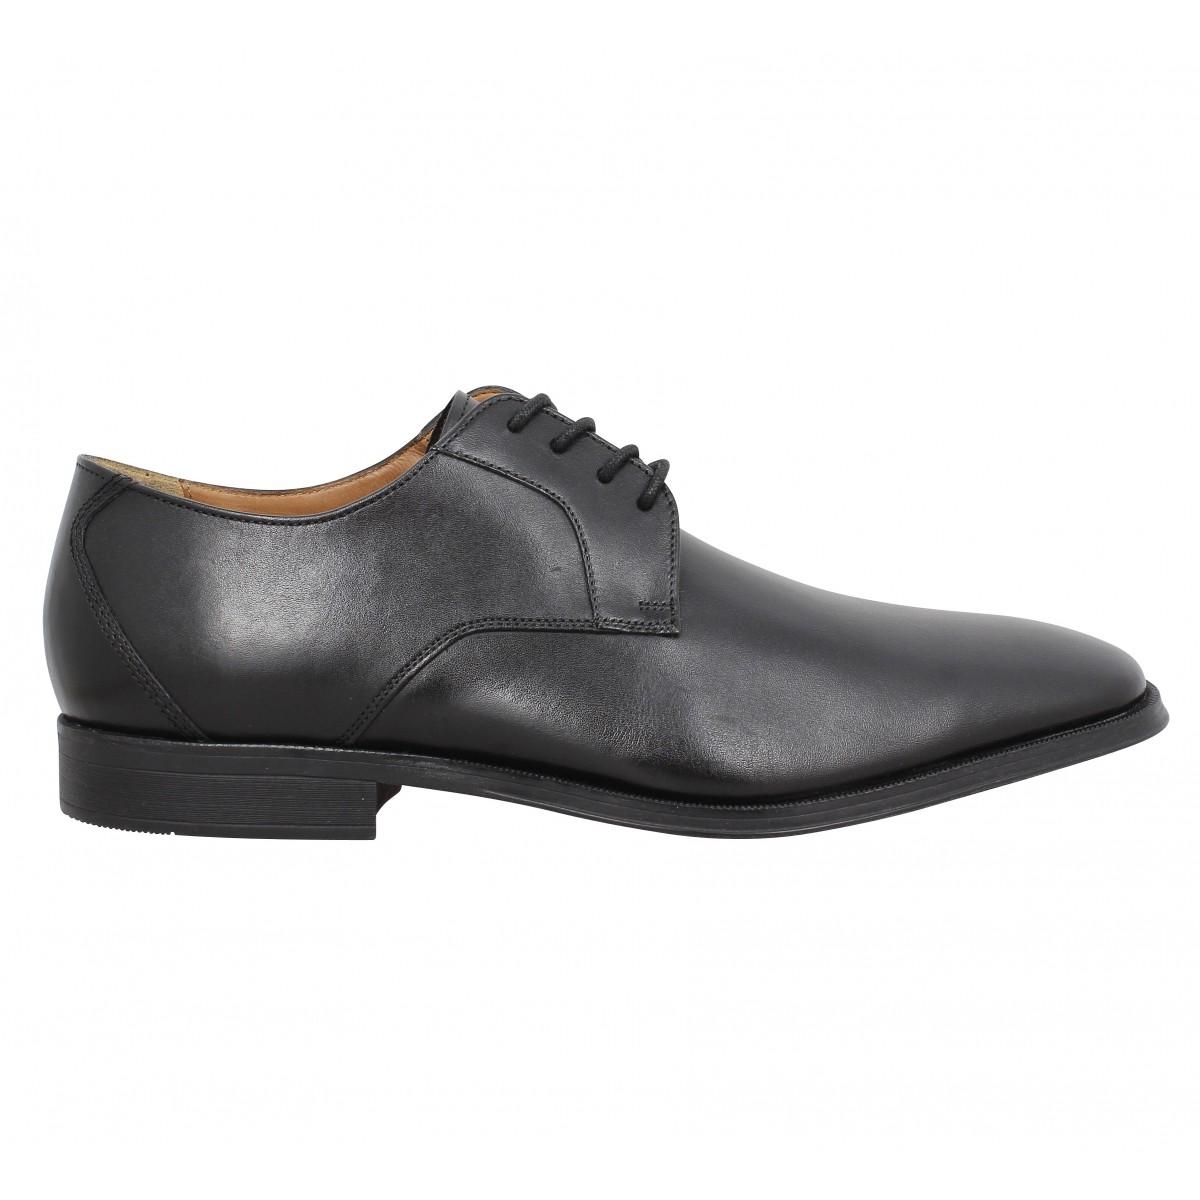 DIZZINESS Chaussures à lacets femme. Chaussures à talon aiguille à bout pointu argentées femme  black   40 Chaussures automne à fermeture éclair beiges femme CMP - Arietis WP Femmes chaussure de trekking (gris clair/bleu clair) - EU 40 - UK 6 UhknU